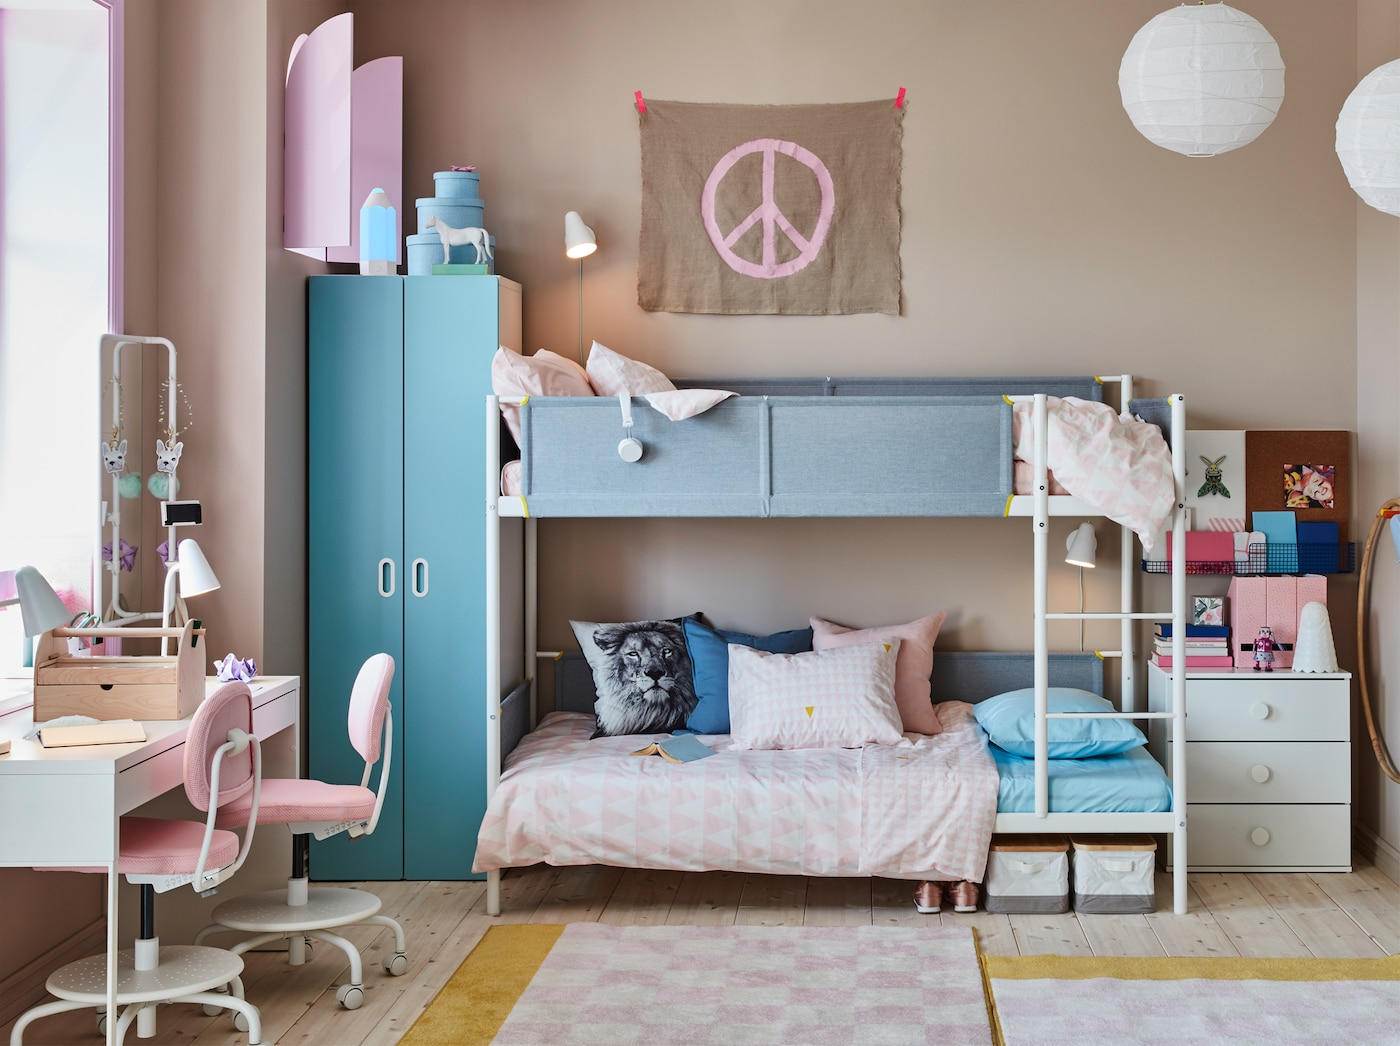 화이트 색상의 2층 침대와 넓은 책상, 라이트핑크 색상 의자를 활용해 블루와 핑크 톤으로 꾸민 두 자매가 함께 쓰는 침실